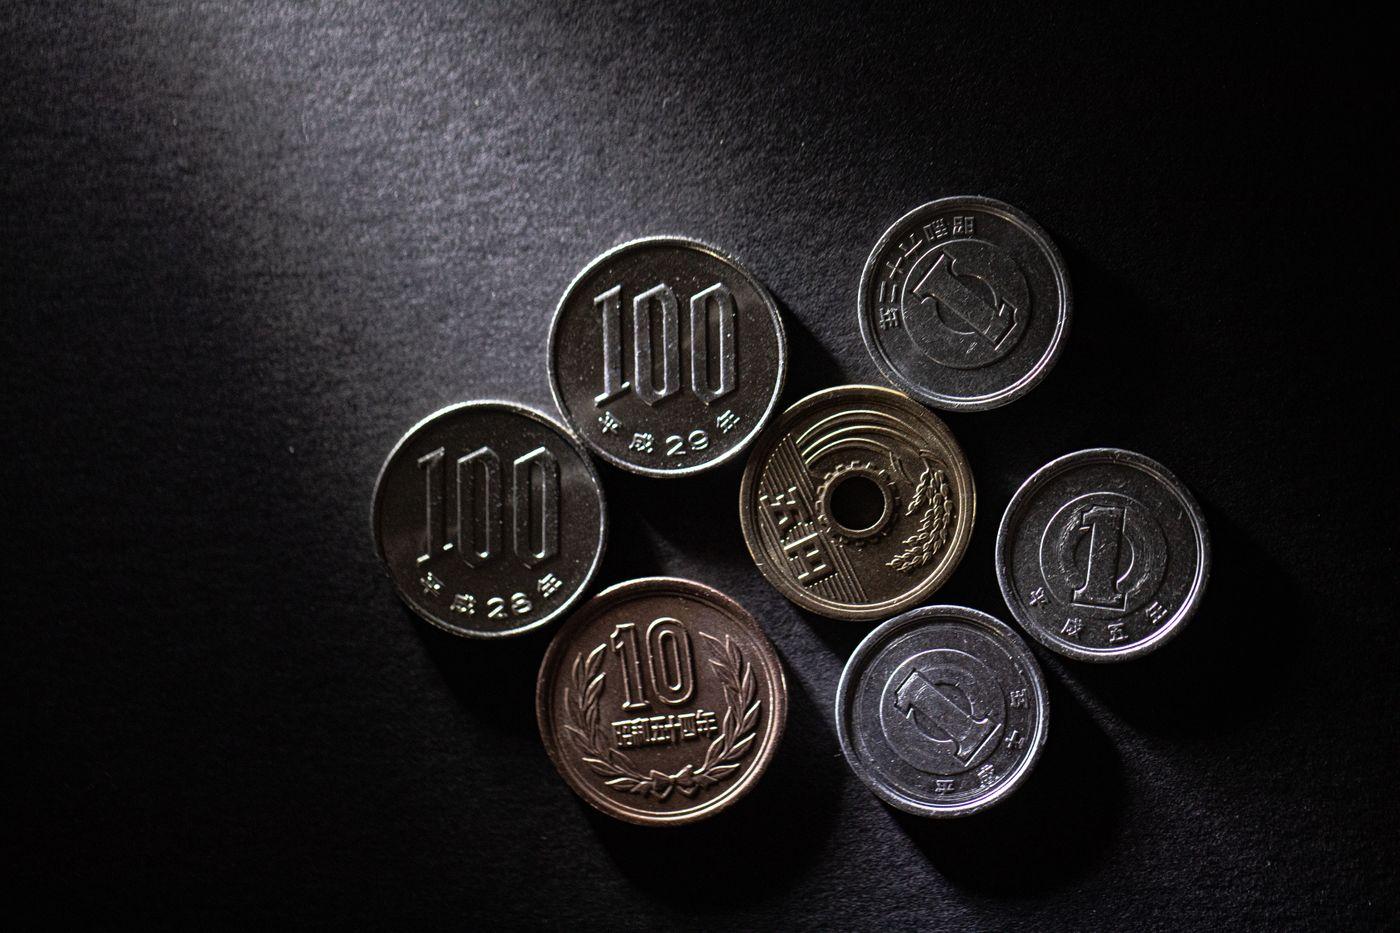 218円の小銭の写真